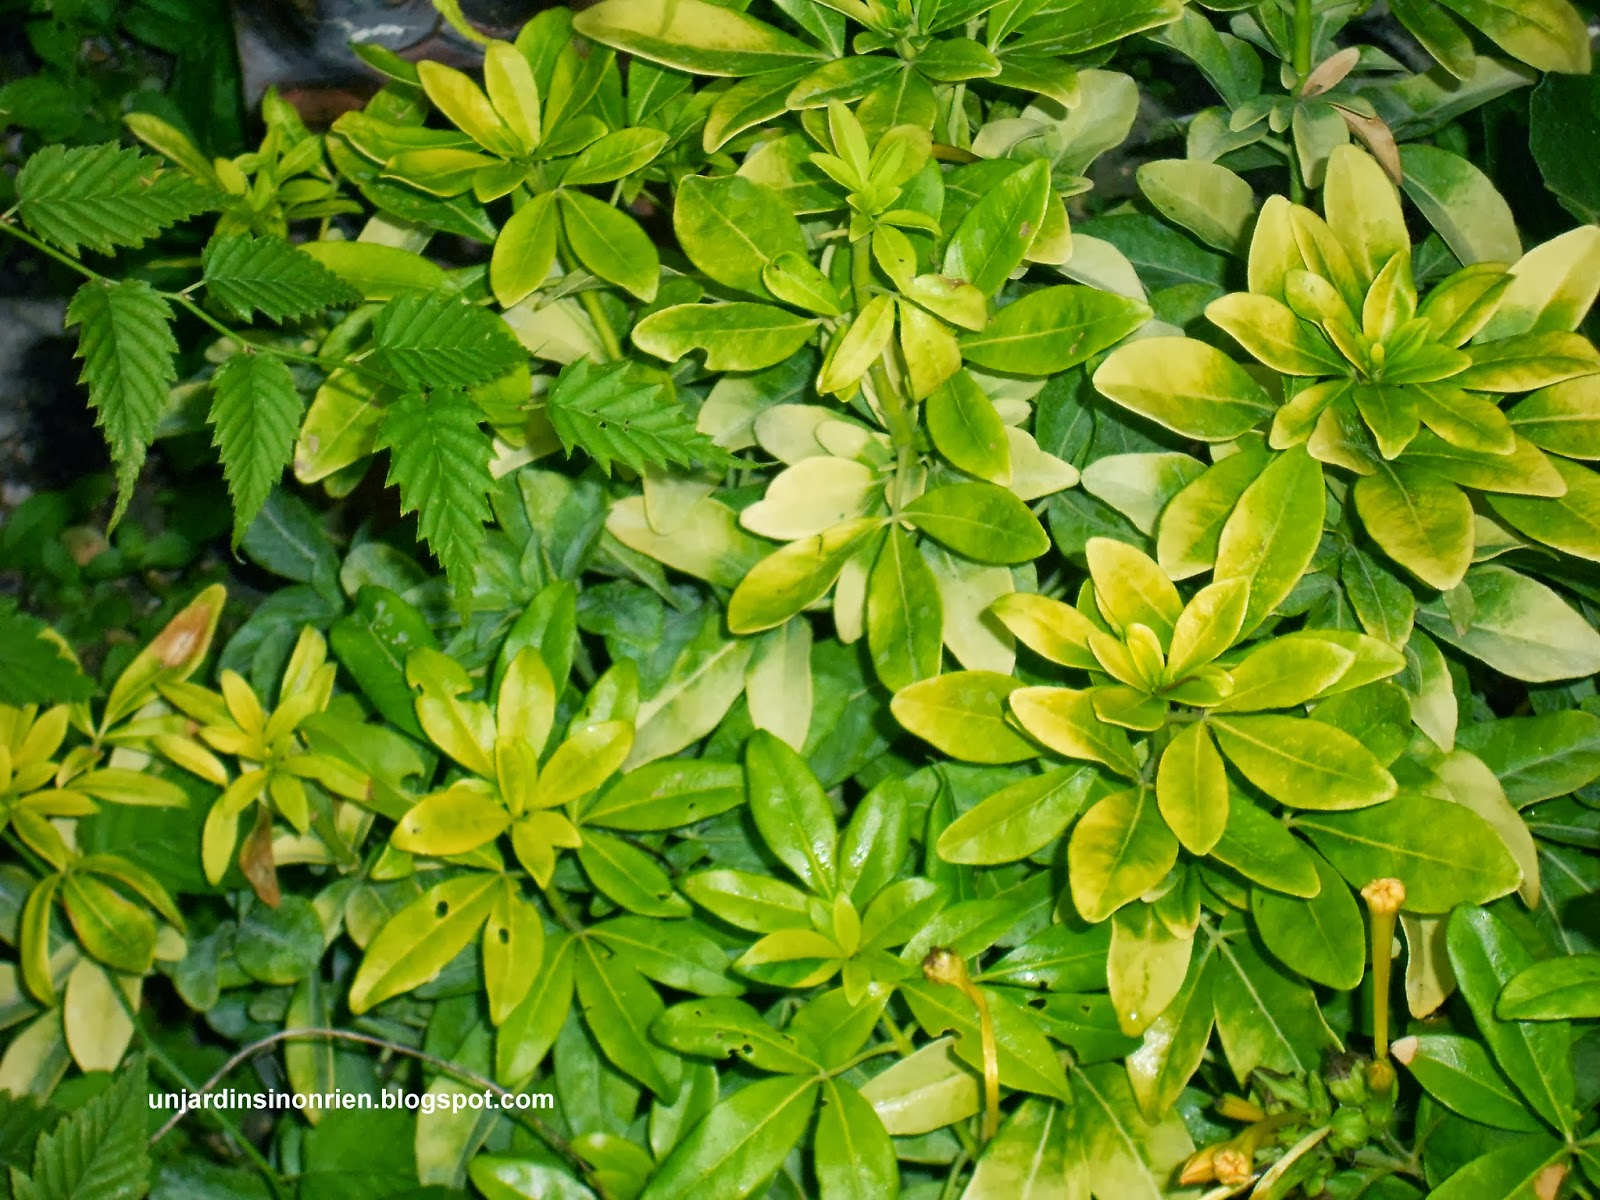 L oranger du mexique aztec pearl au jardin - Oranger du mexique feuilles jaunes ...